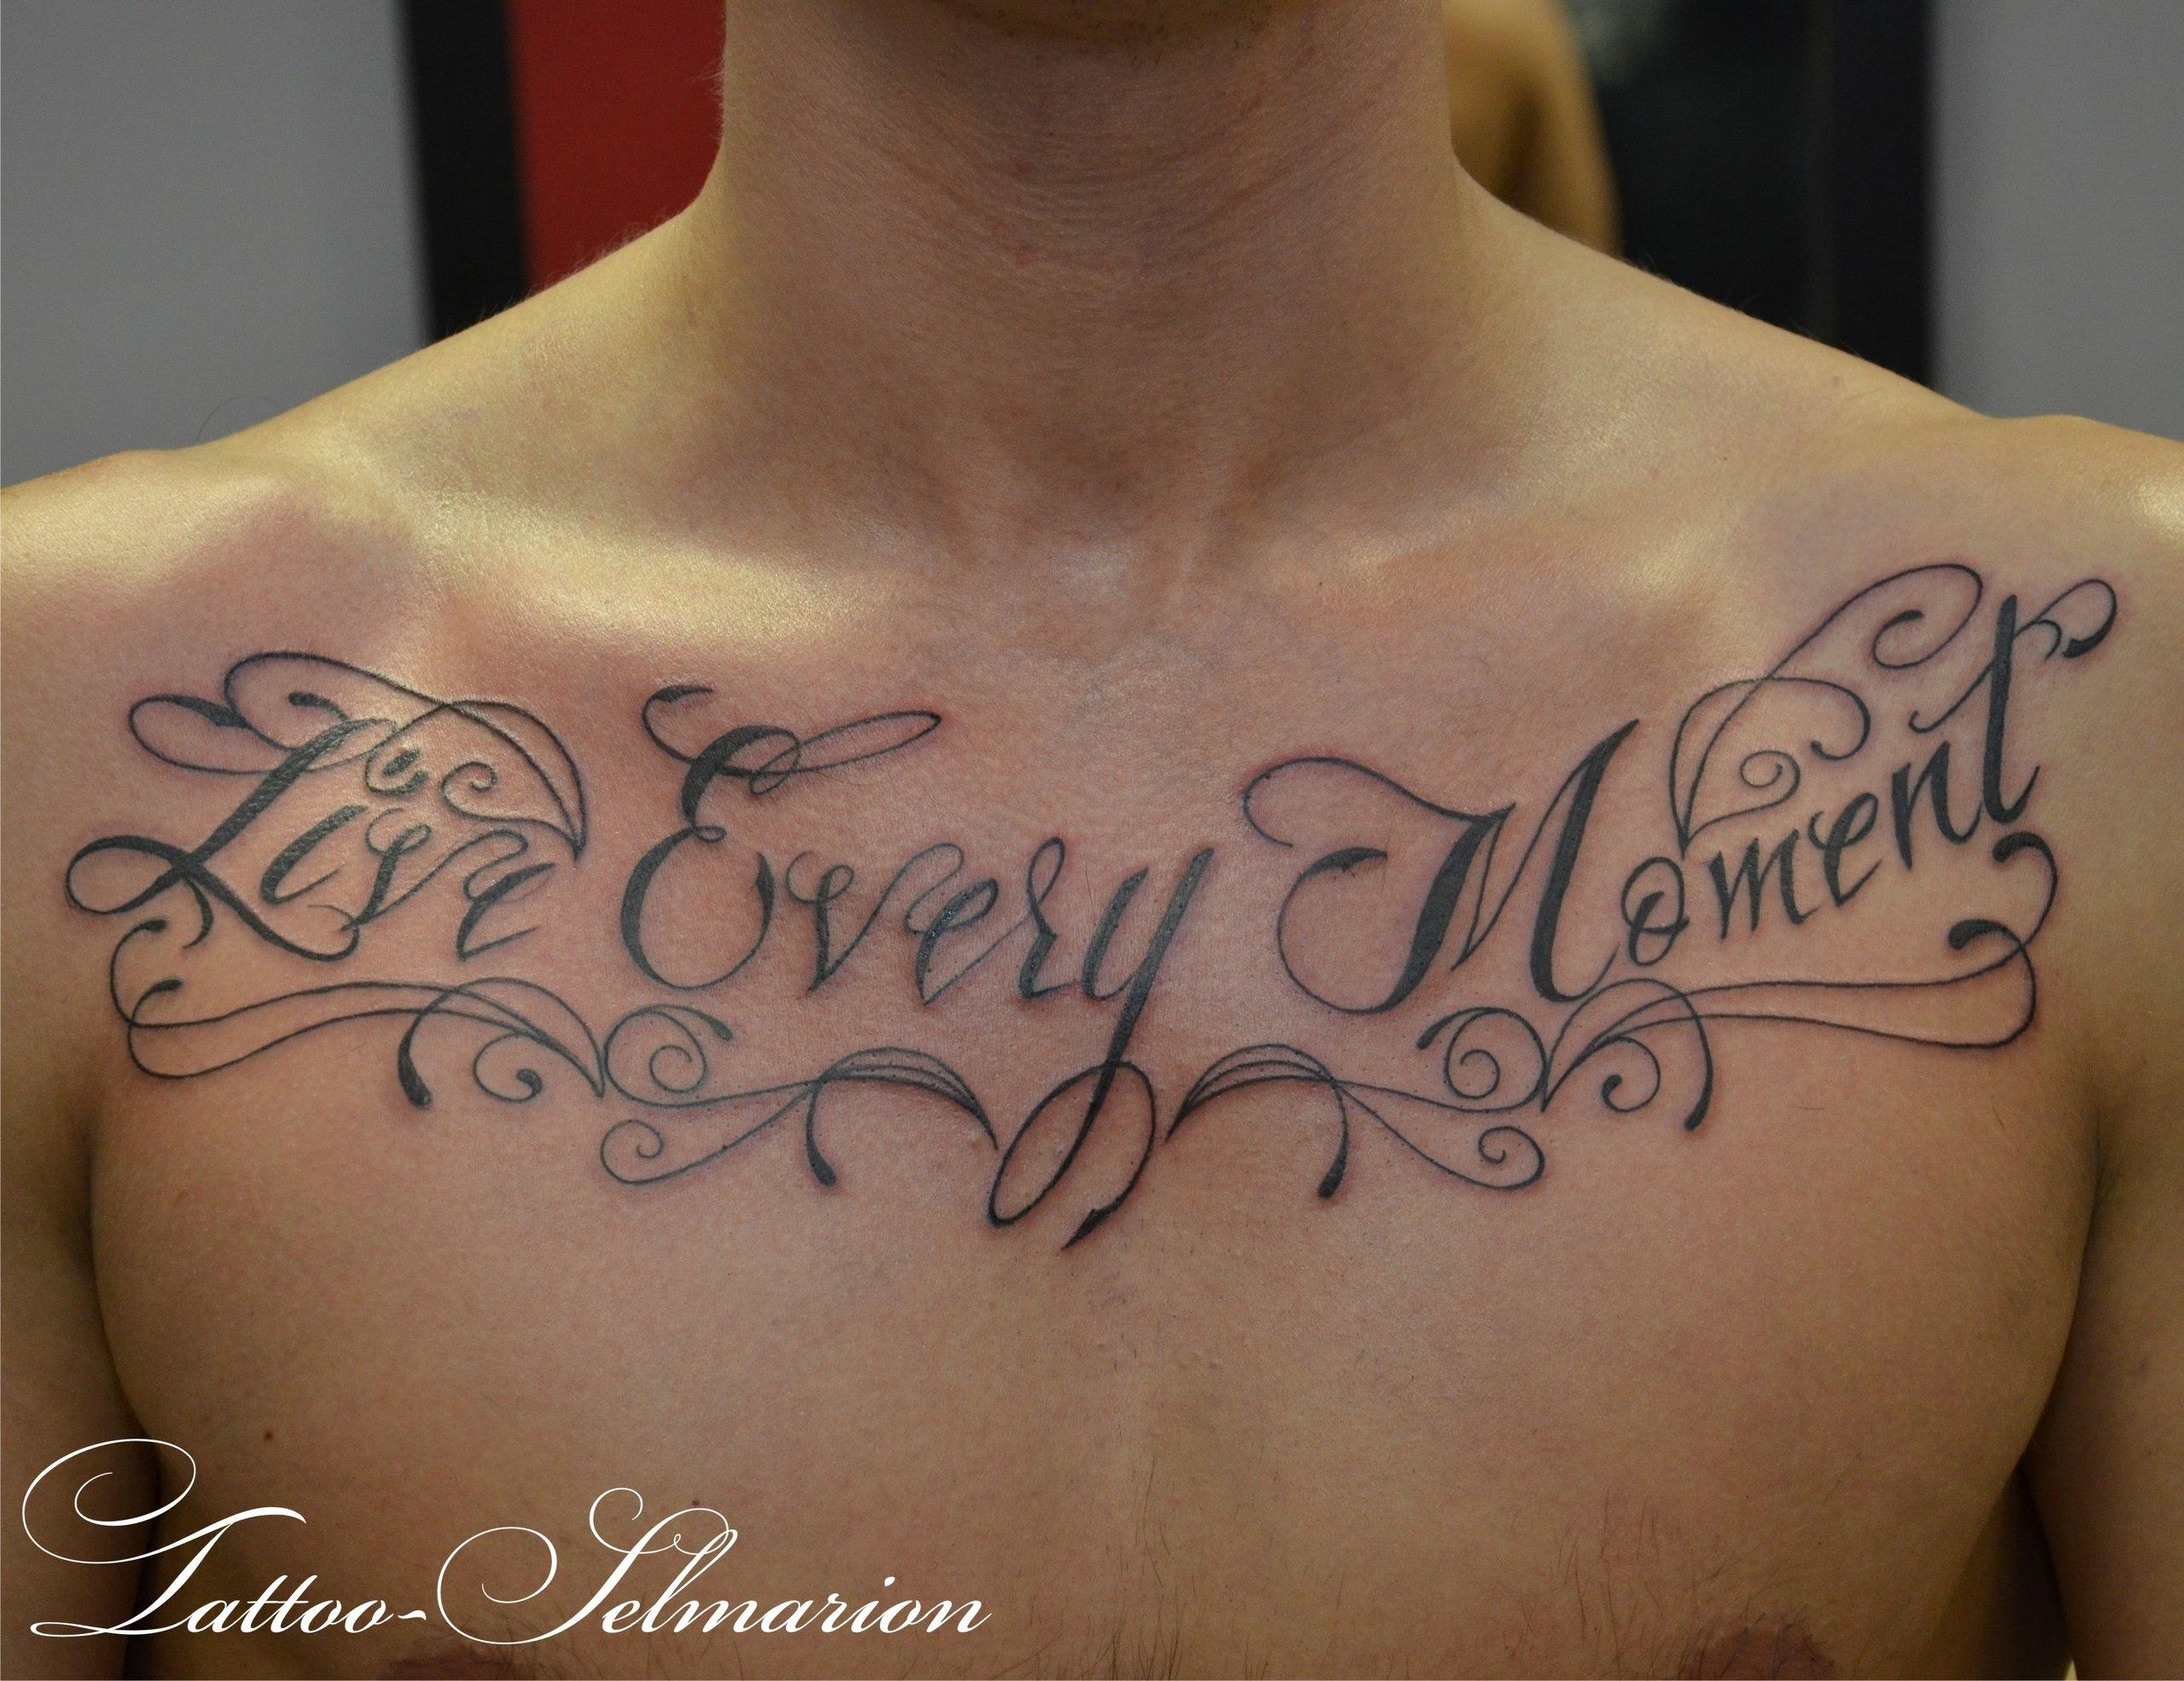 Татуировки у женщин девушек в интимных местах 19 фотография